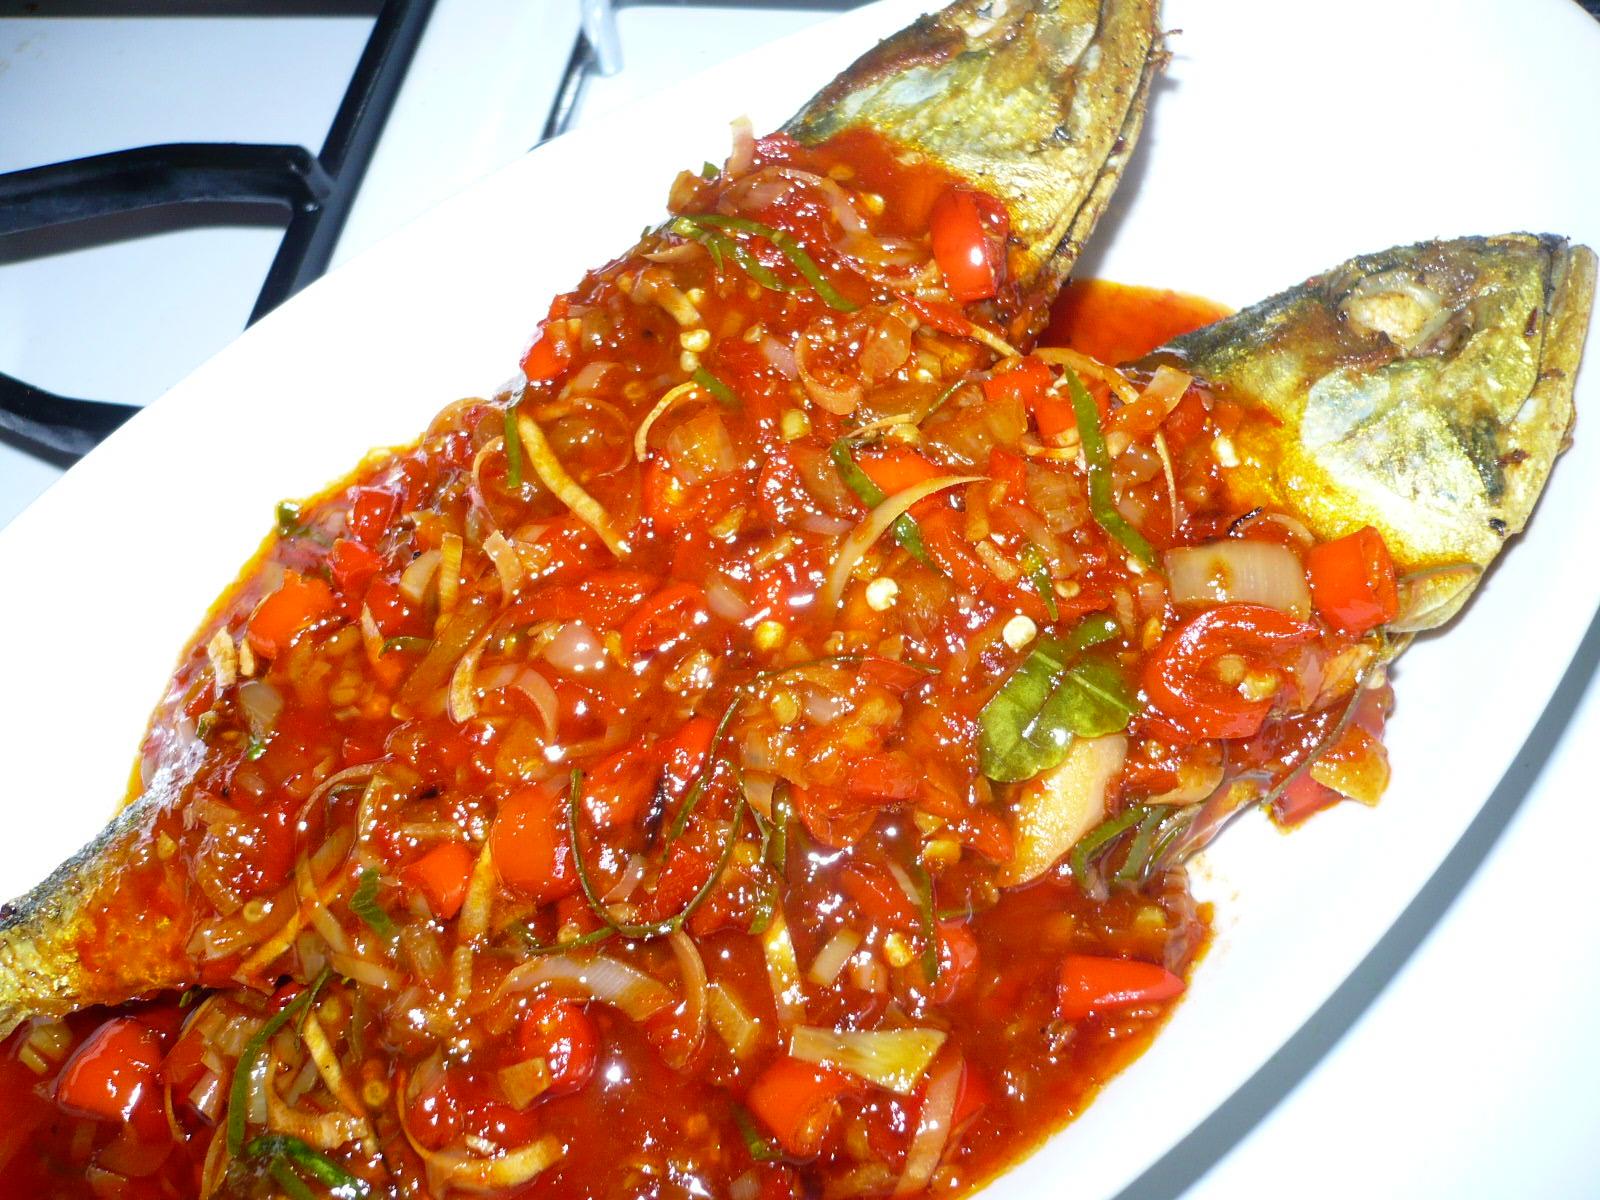 Resepi Ikan Kembung 3 Rasa - Resep Bunda Erita